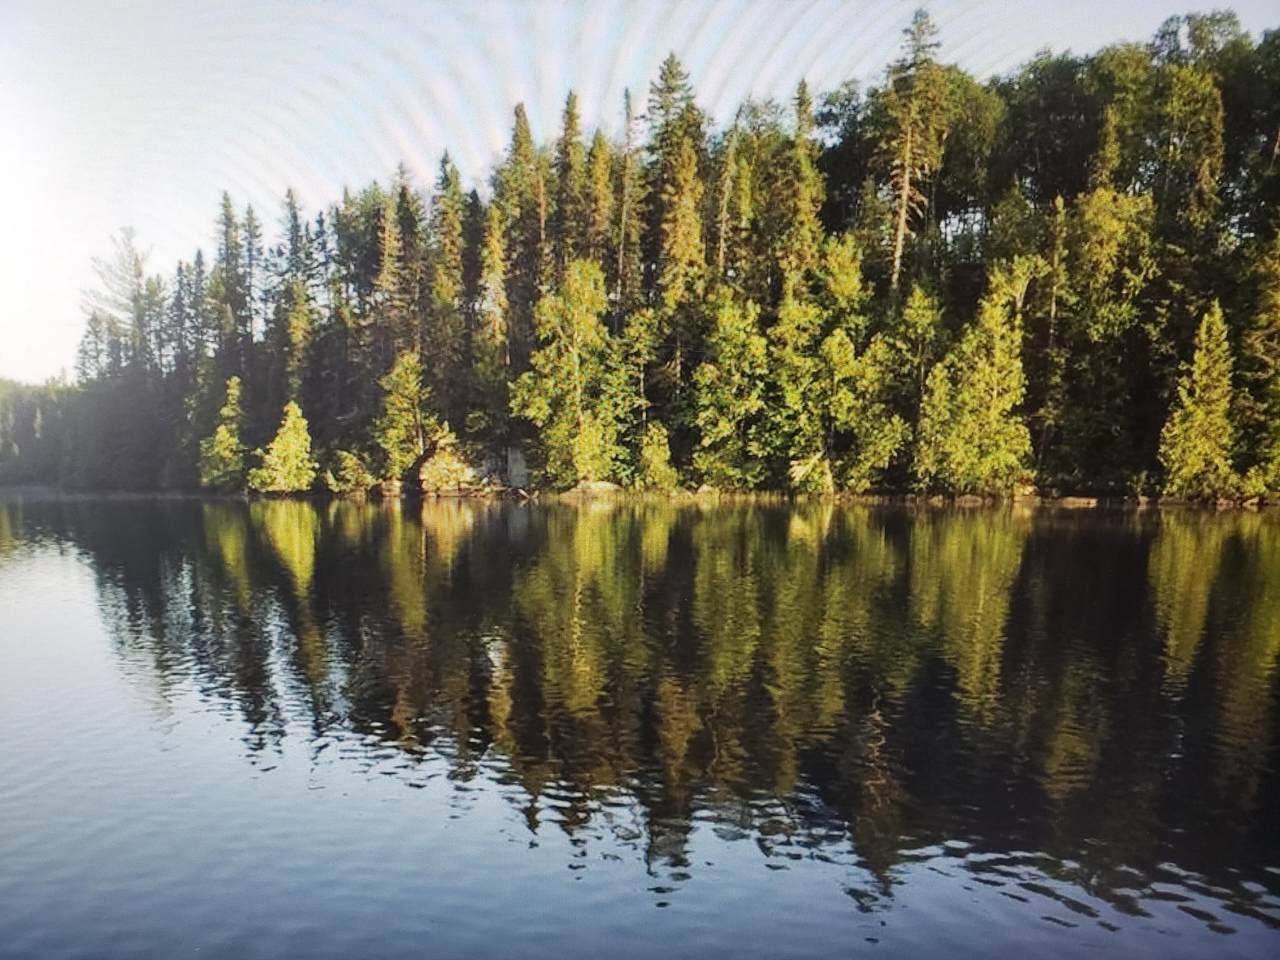 39361 North Star Lake Road - Photo 1